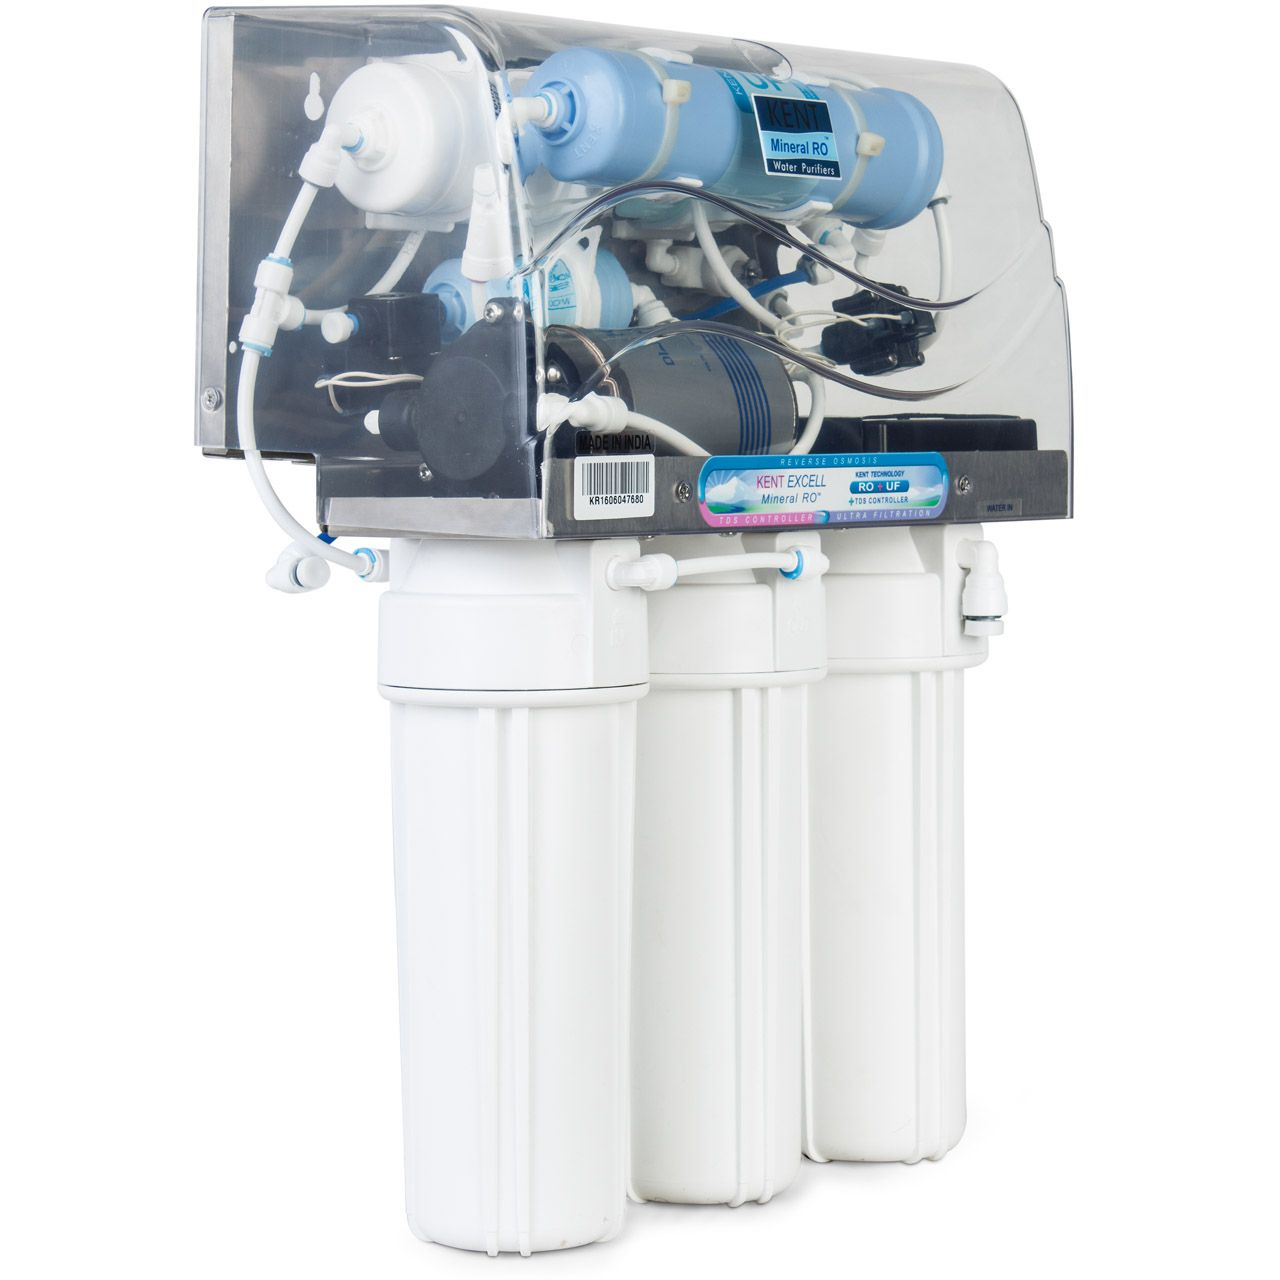 دستگاه تصفیه آب زیر سینکی کنت مدل اکسل (Kent Excell)